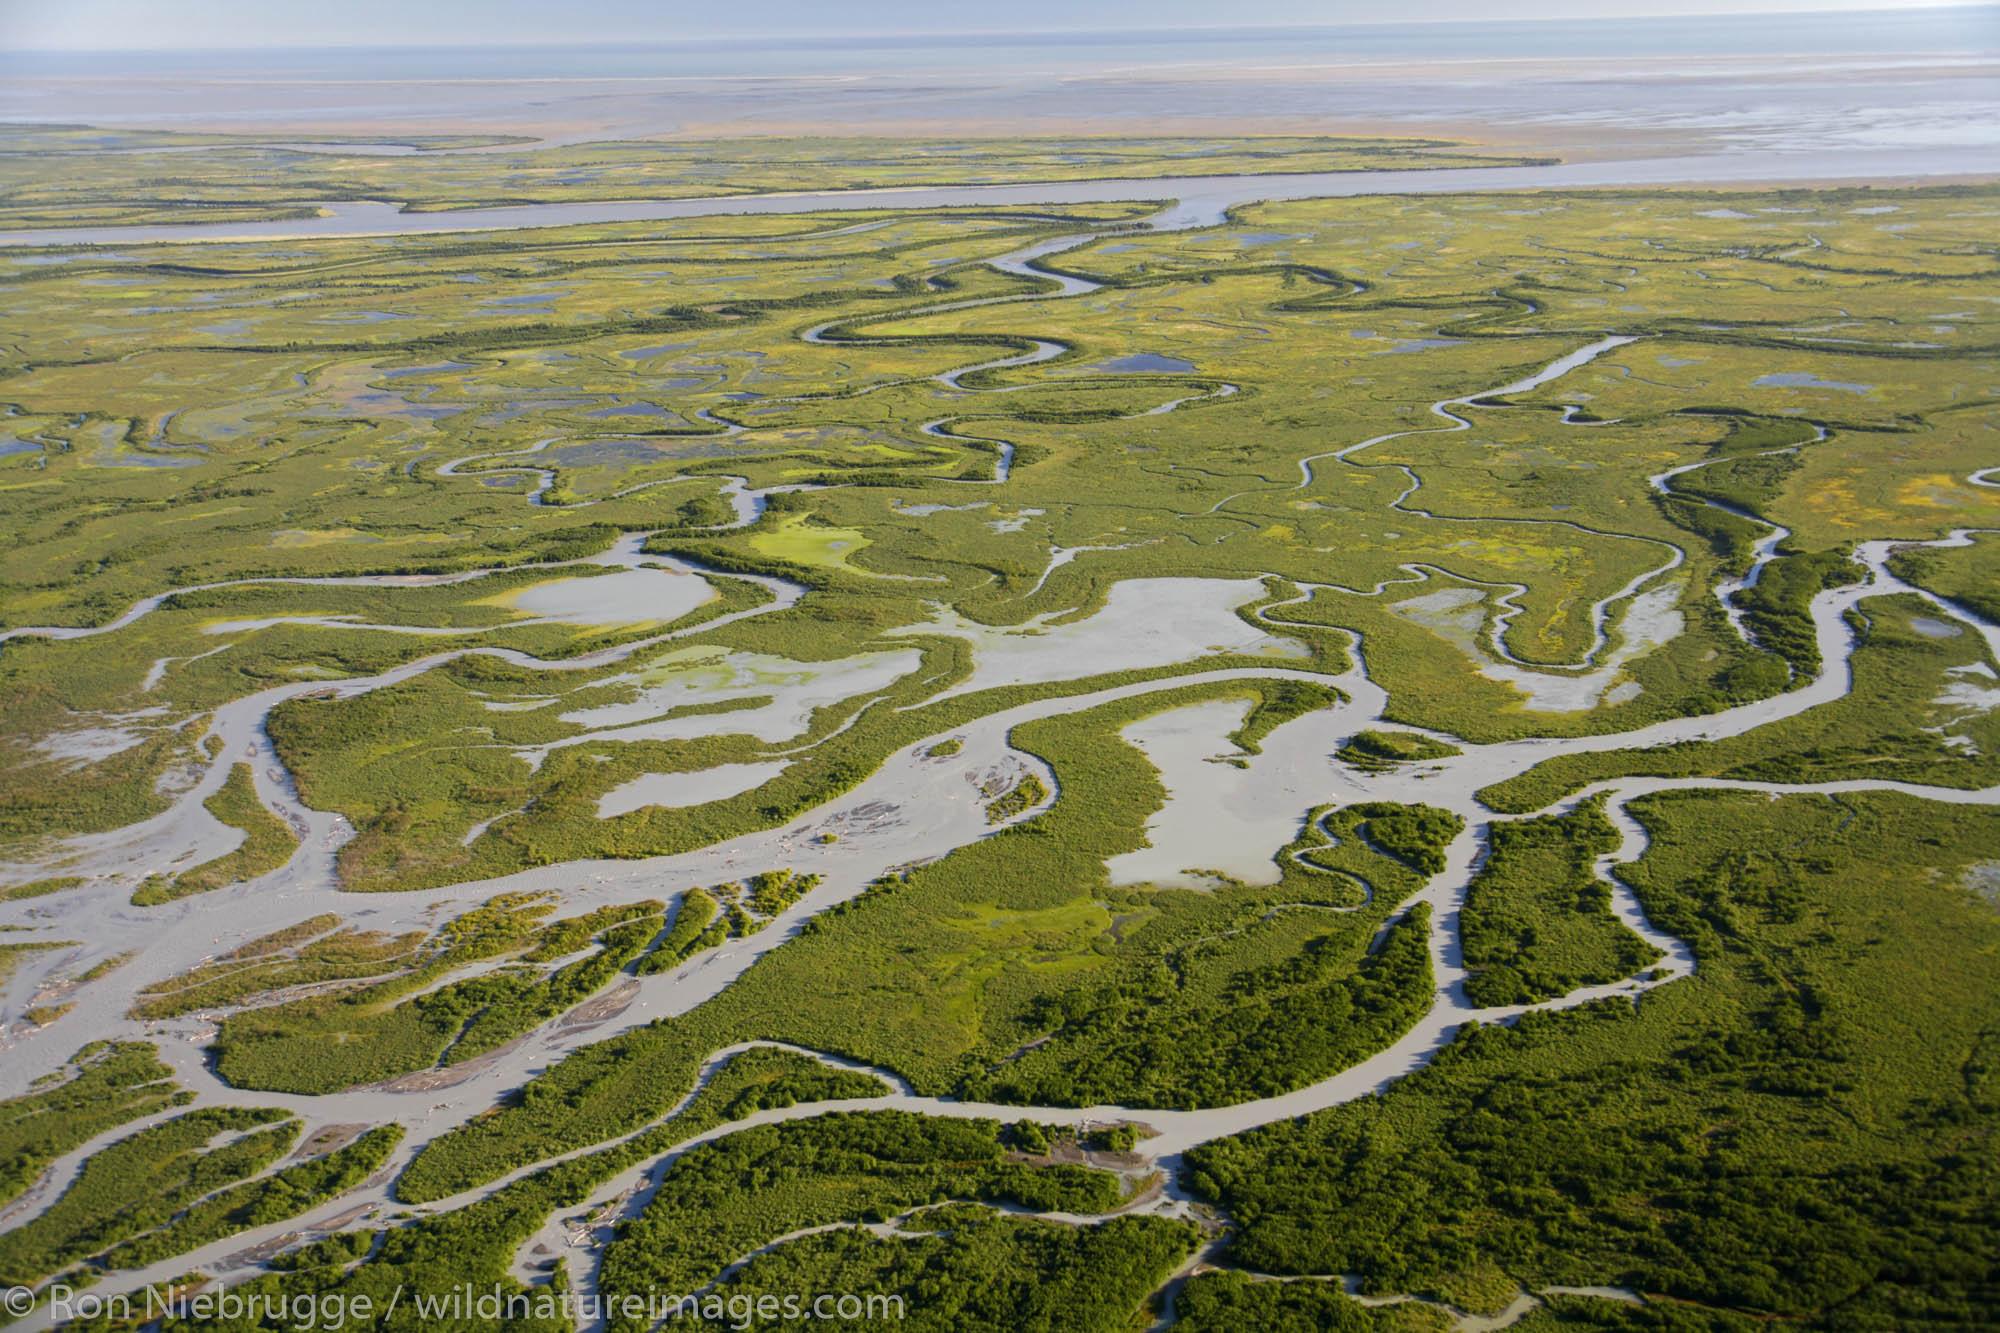 Aerial Copper River Delta, Chugach National Forest near Cordova, Alaska.